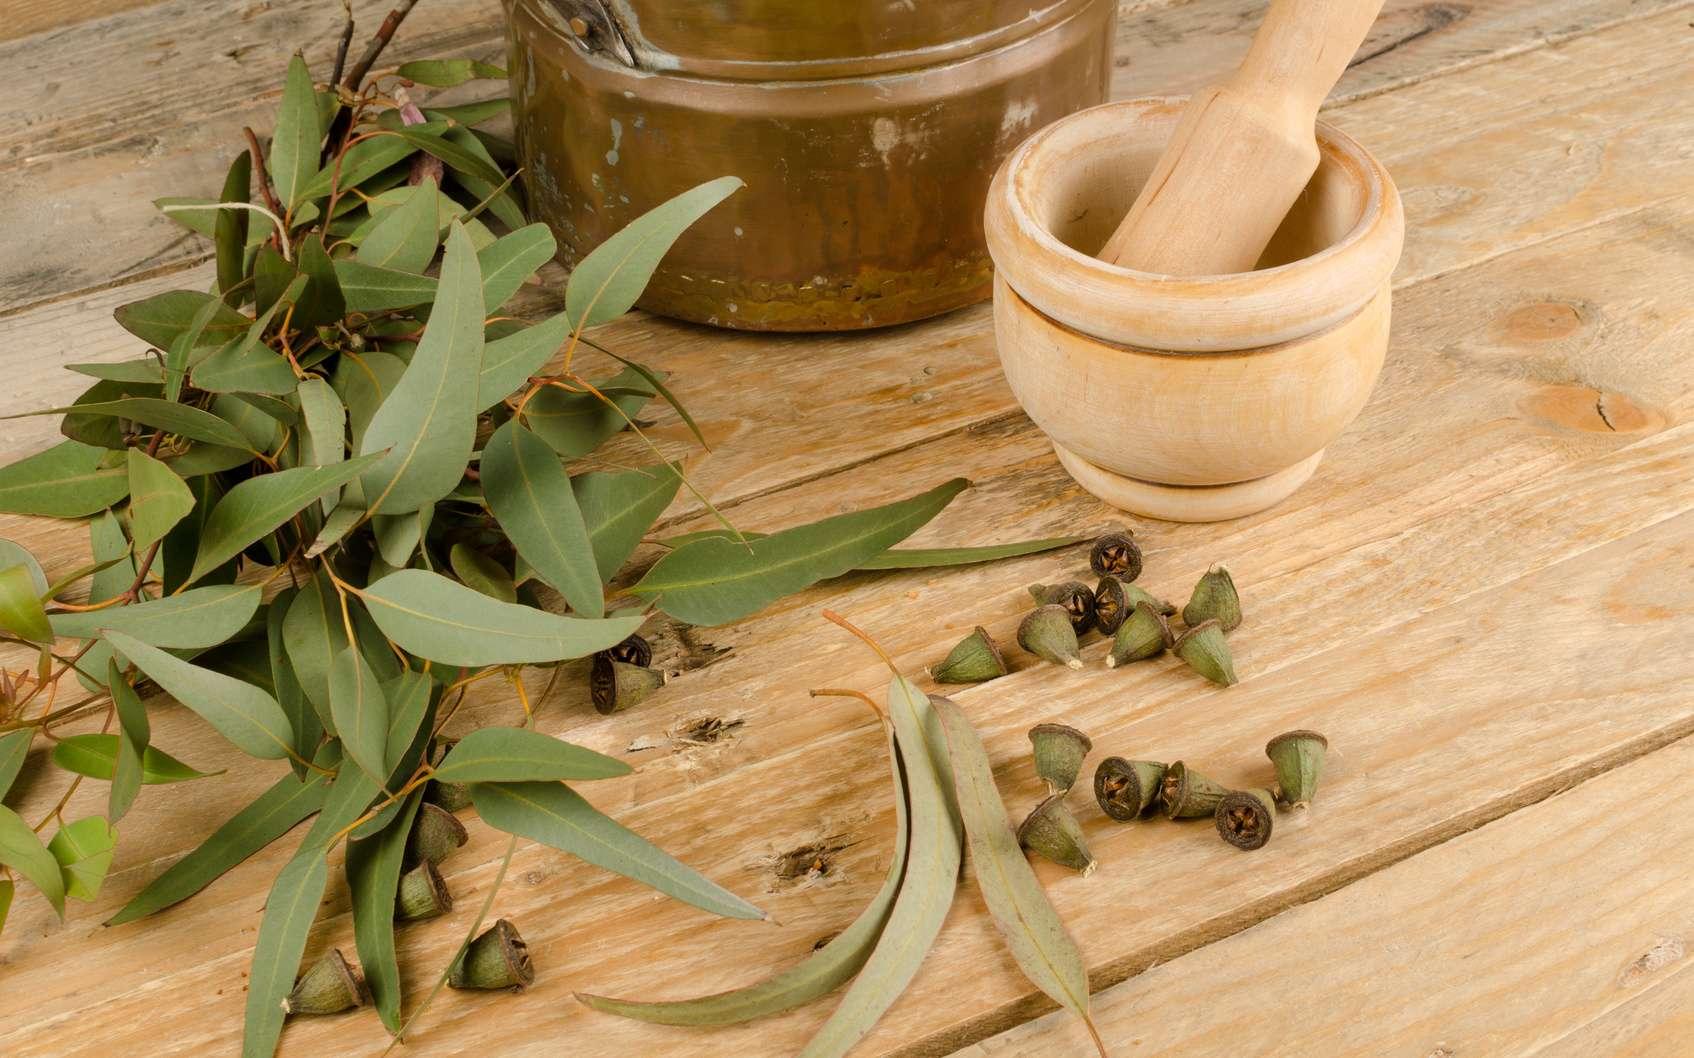 On surnomme également l'eucalyptus « l'arbre à fièvre », c'est dire à quel point ses vertus antivirales sont reconnues dans la mémoire populaire. © Olaf Speier, Fotolia